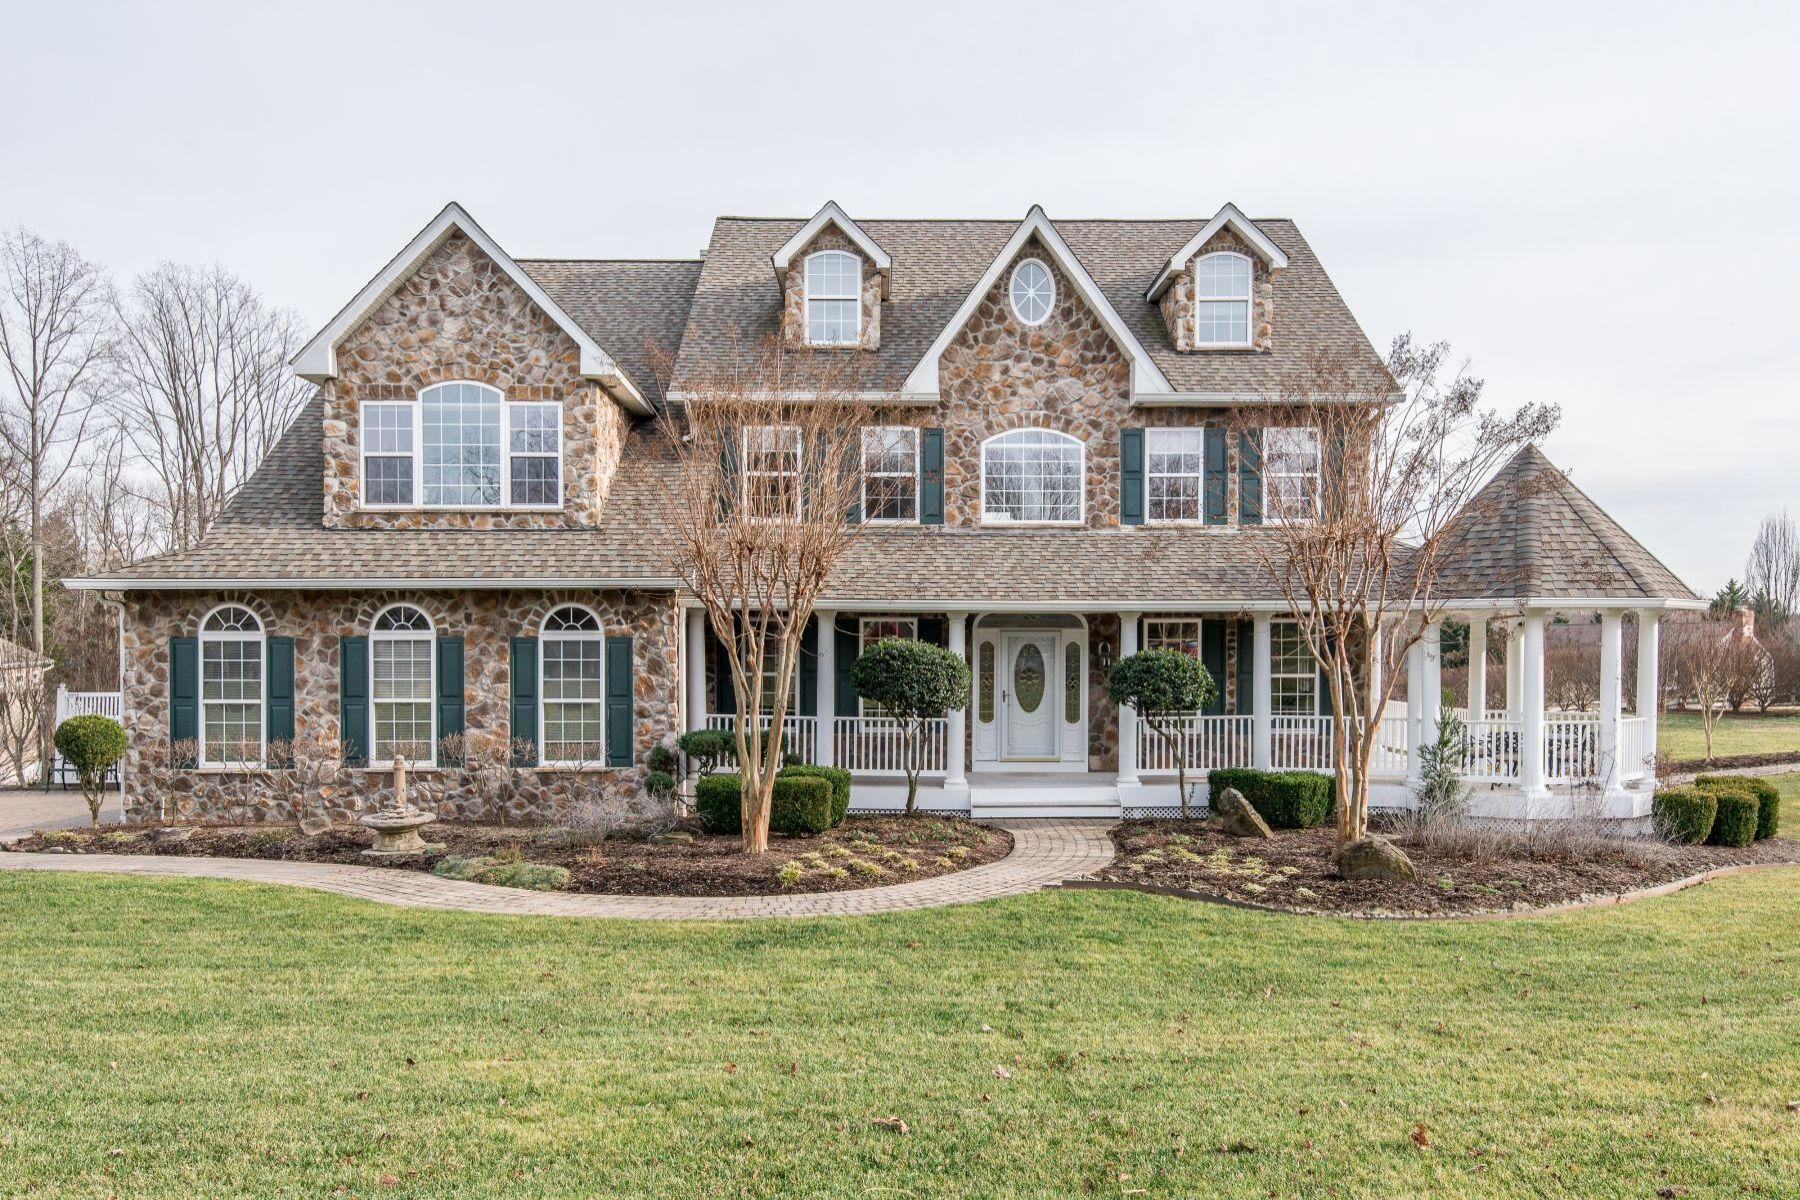 Casa Unifamiliar por un Venta en 17 Harwood Drive, Harwood Harwood, Maryland 20776 Estados Unidos